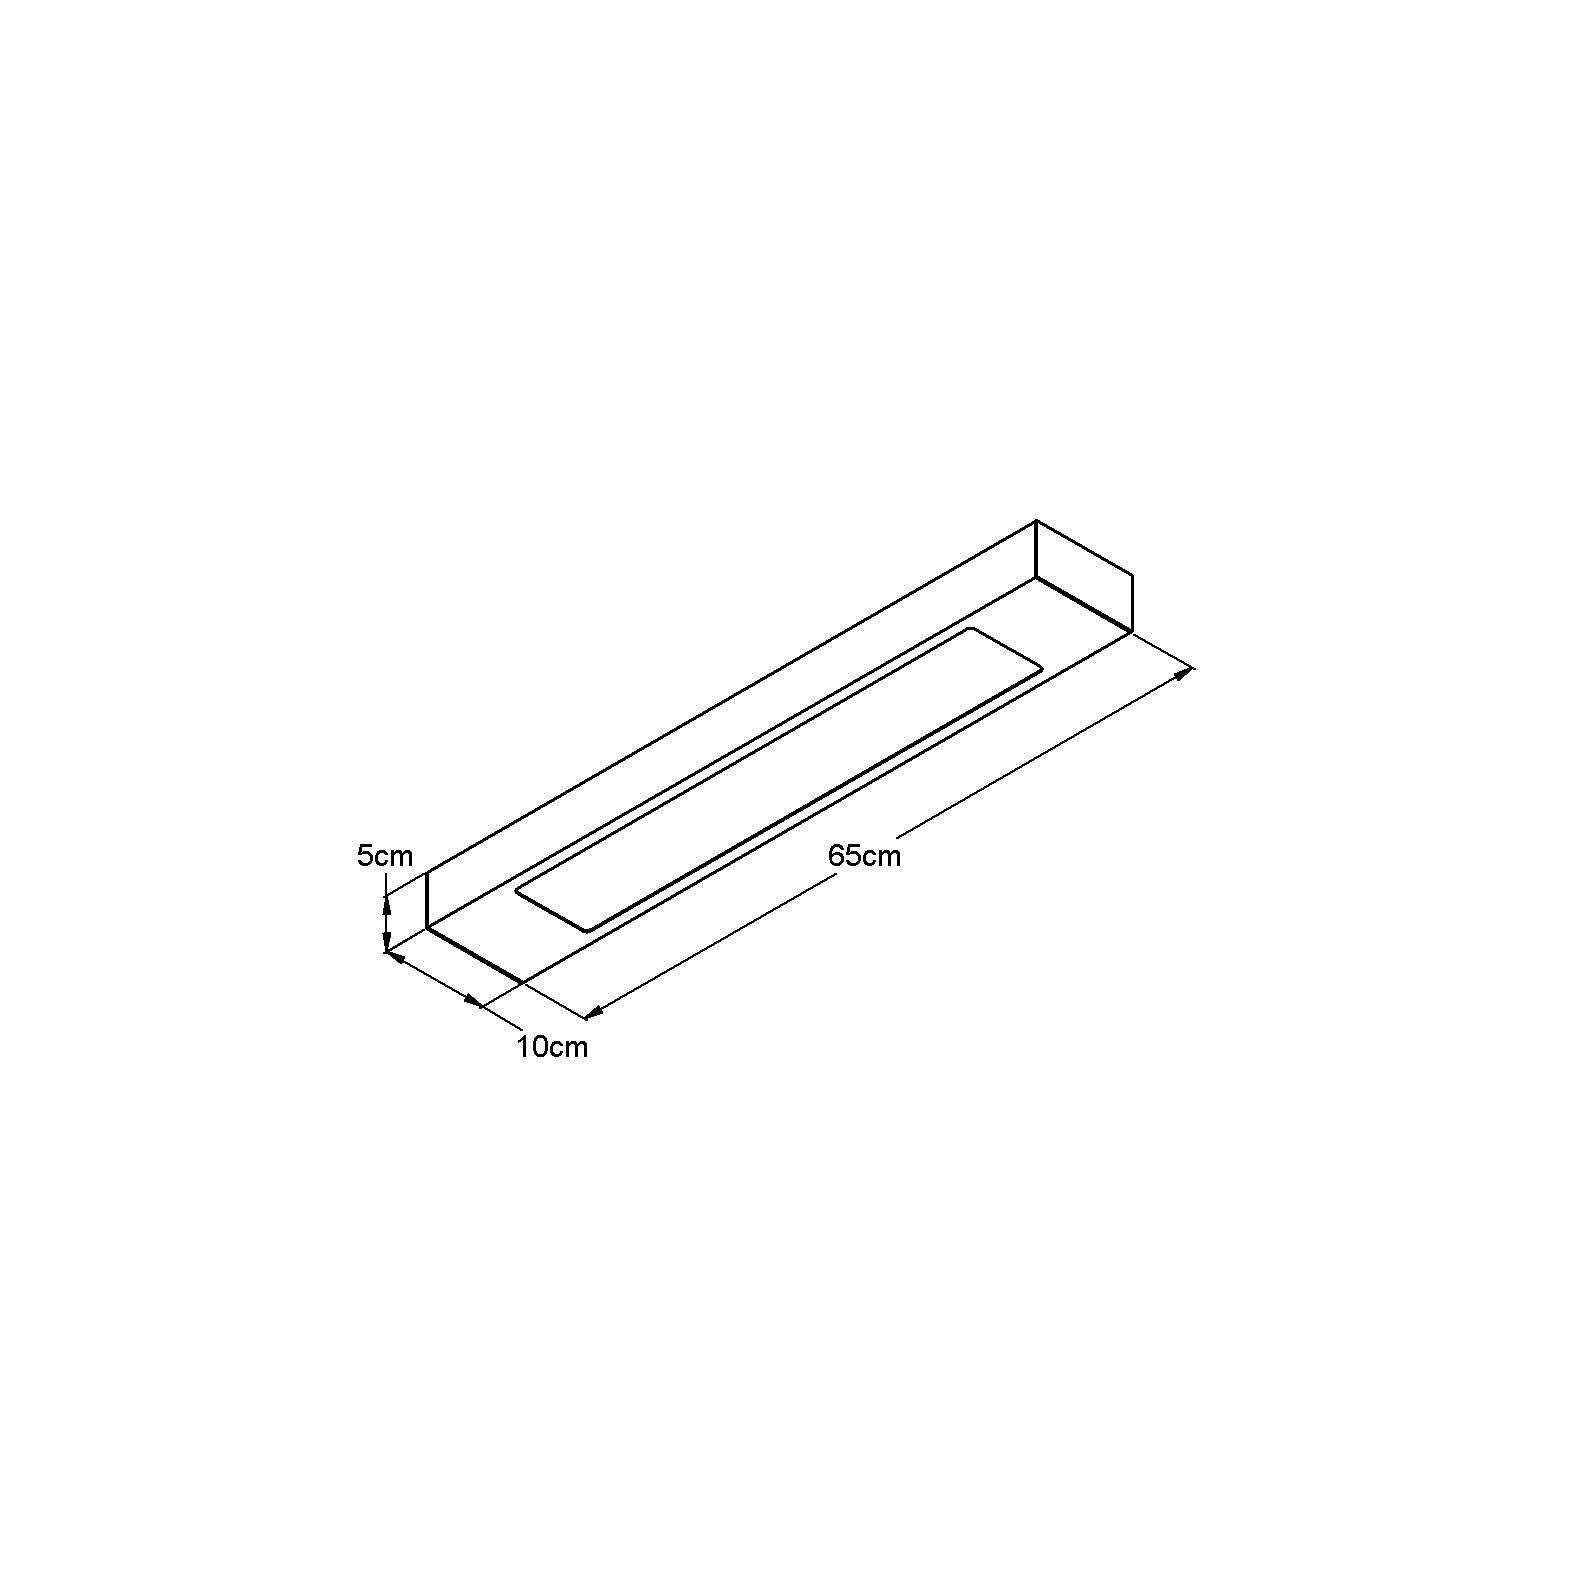 Luminária Plafon Retangular 2 Lâmp. 65cm Alumínio Branco e Madeira Arky